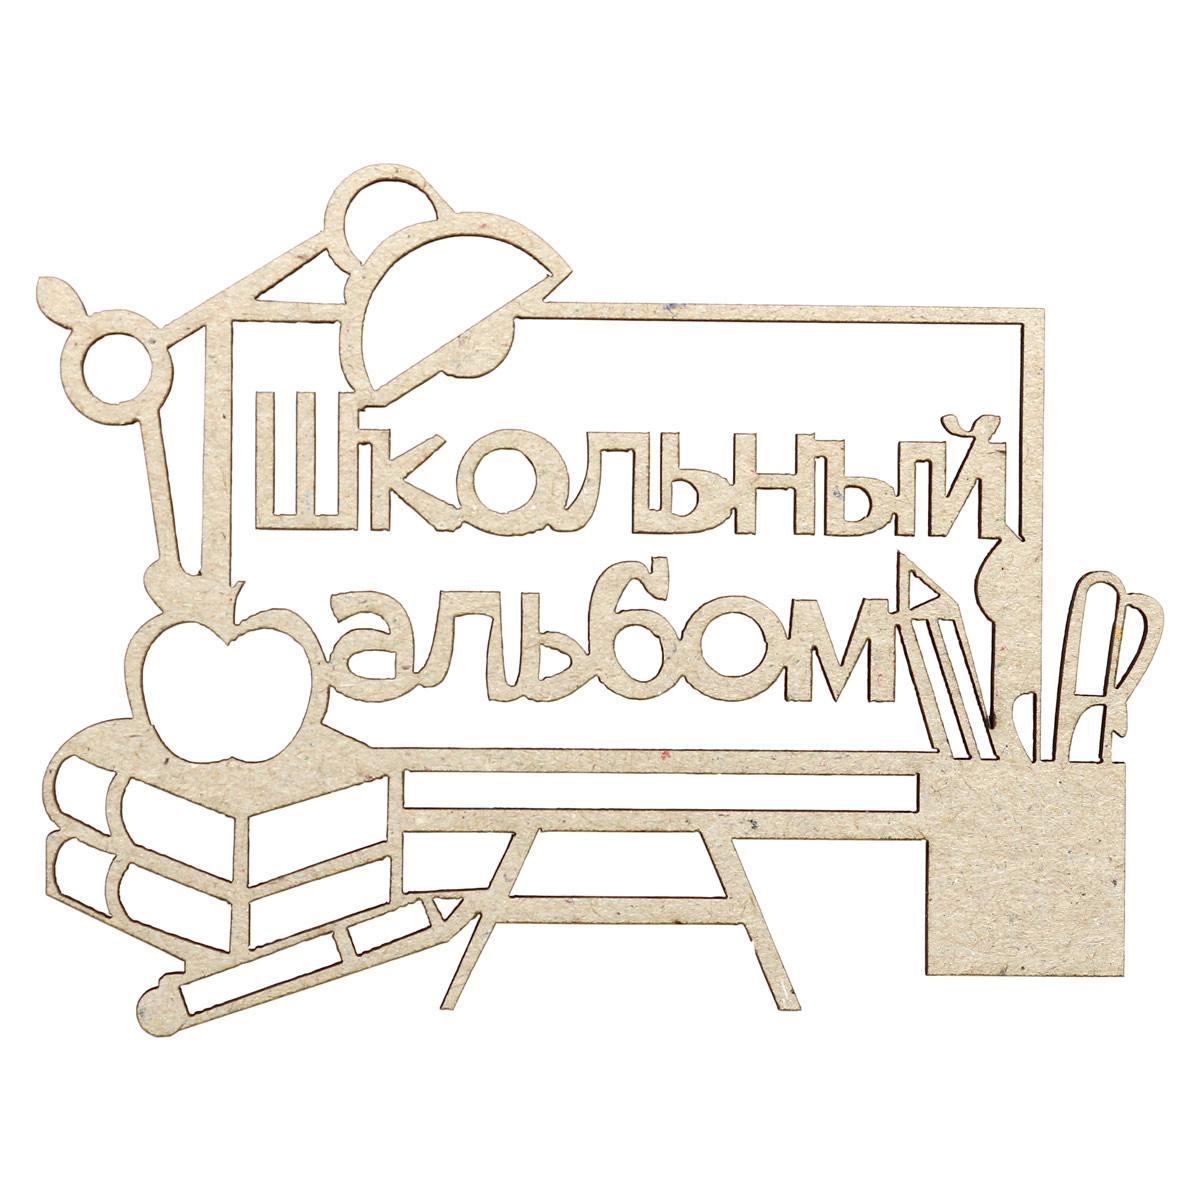 ВК-109 Декоративный элемент 'Школьный альбом'6,1*8,0см Асрта